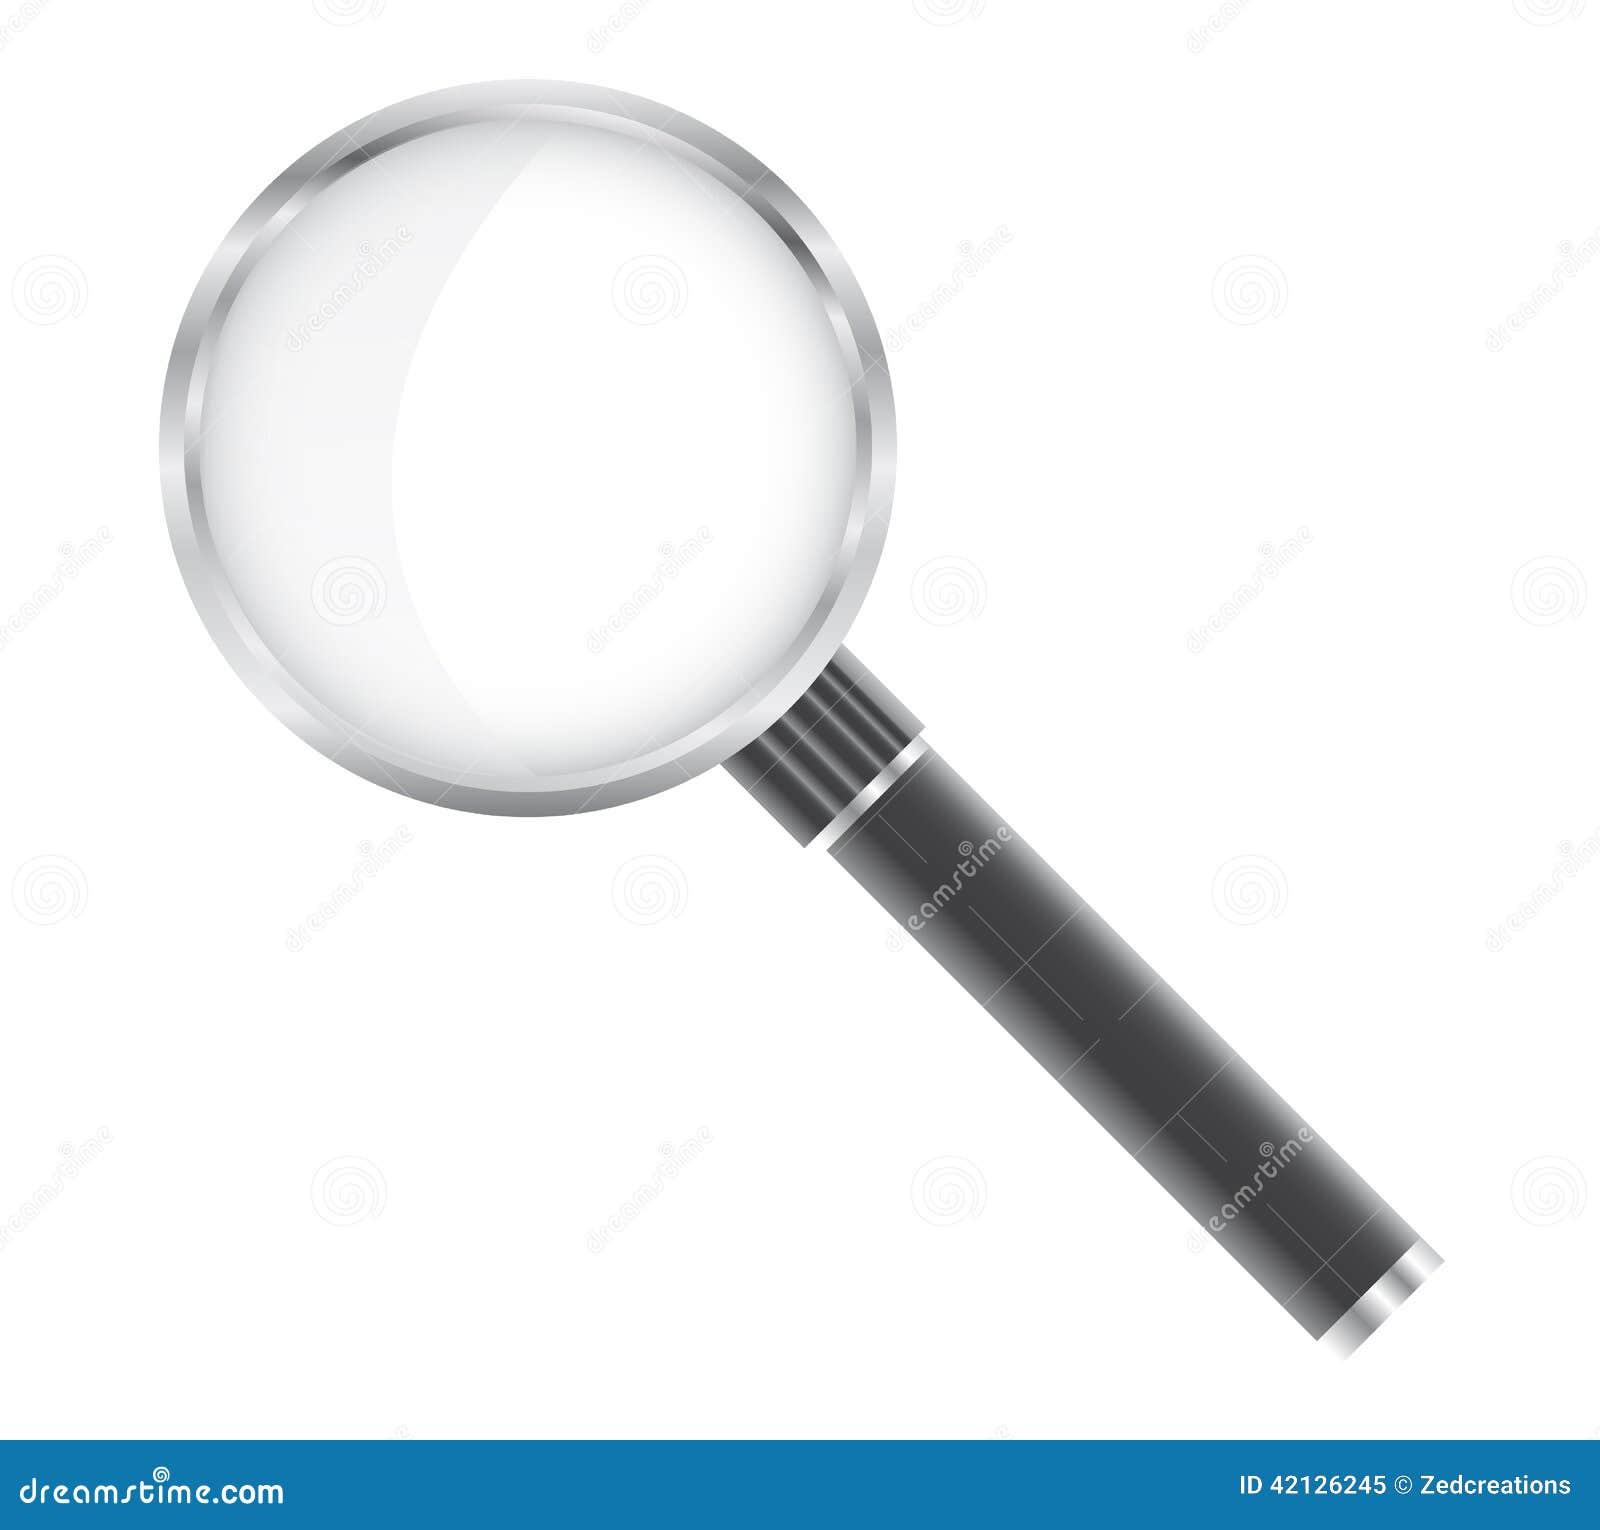 ανασκόπησης διανυσματικό λευκό ενίσχυσης γυαλιού απομονωμένο απεικόνιση